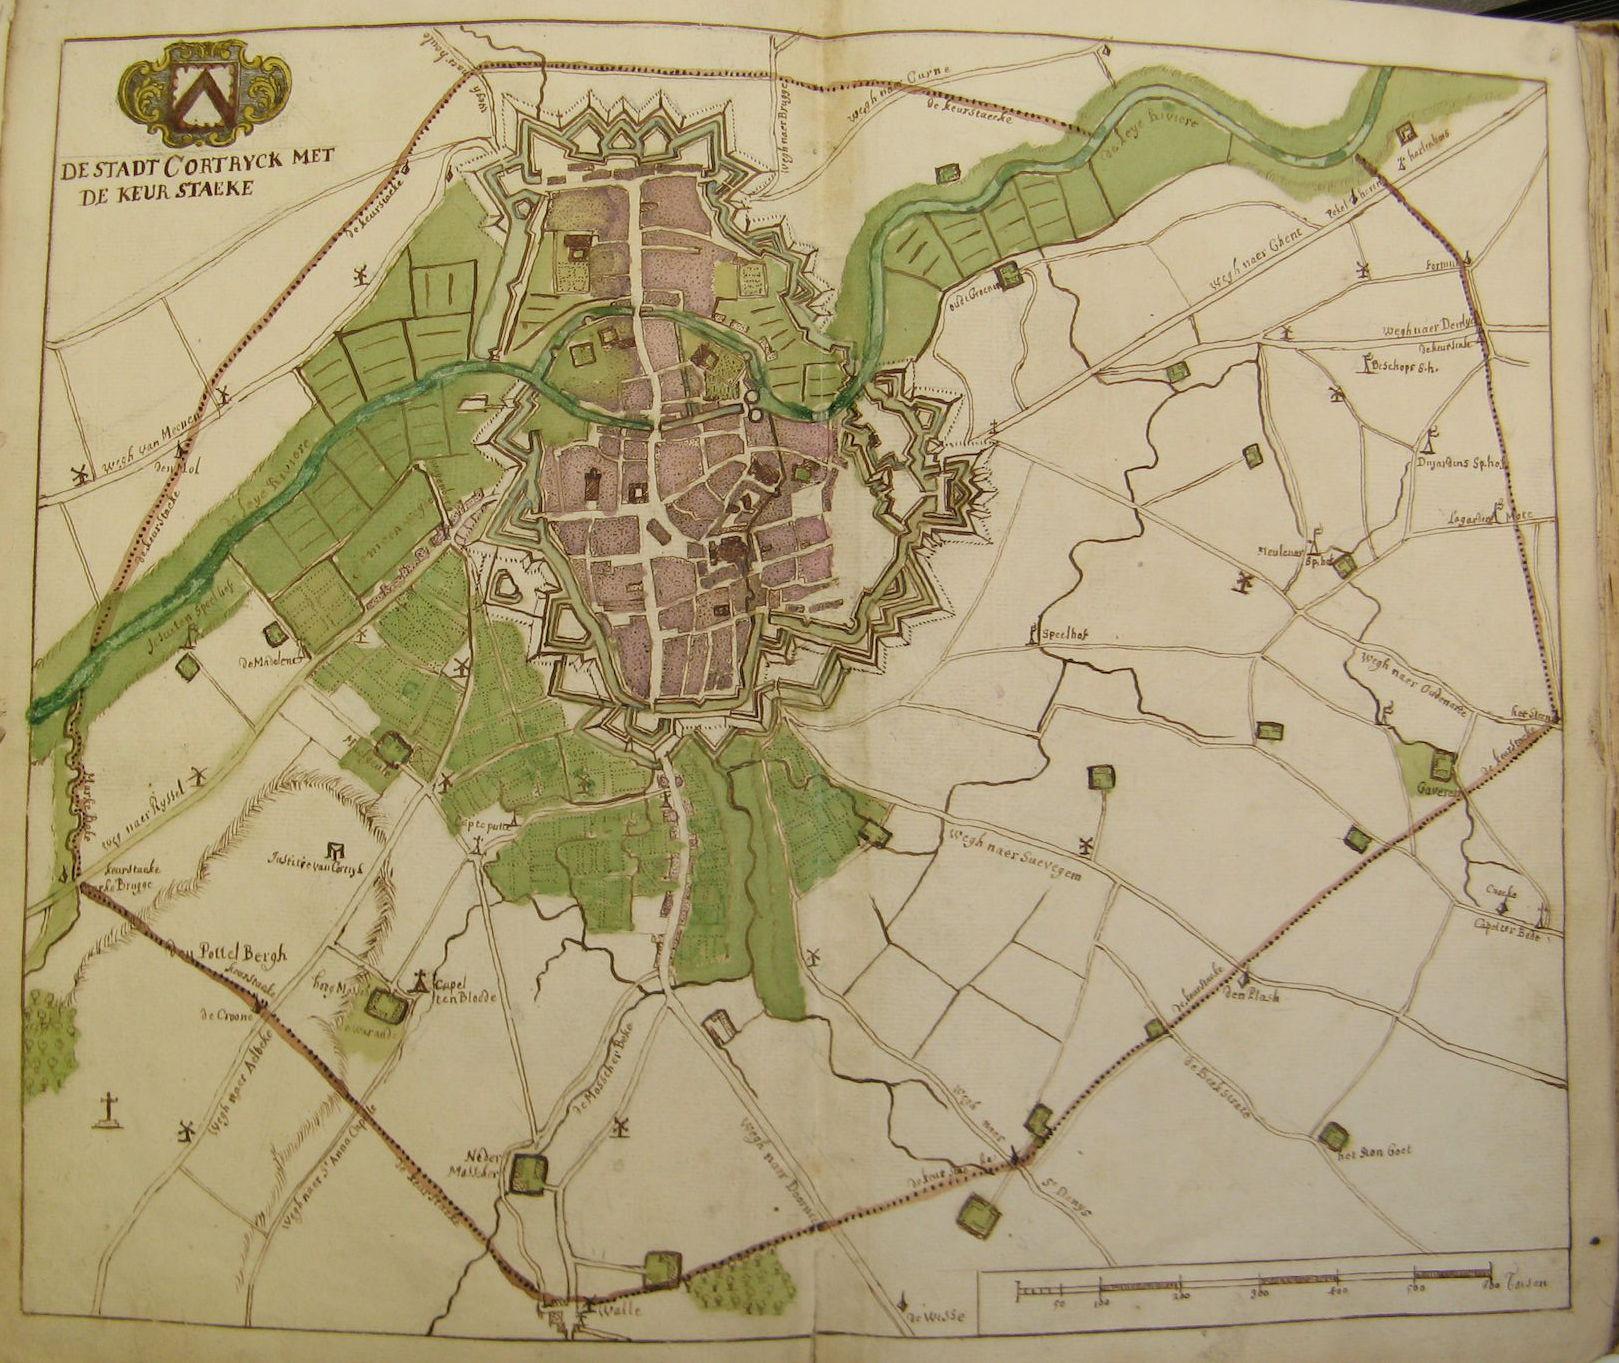 Plattegrond van Kortrijk ca 1725